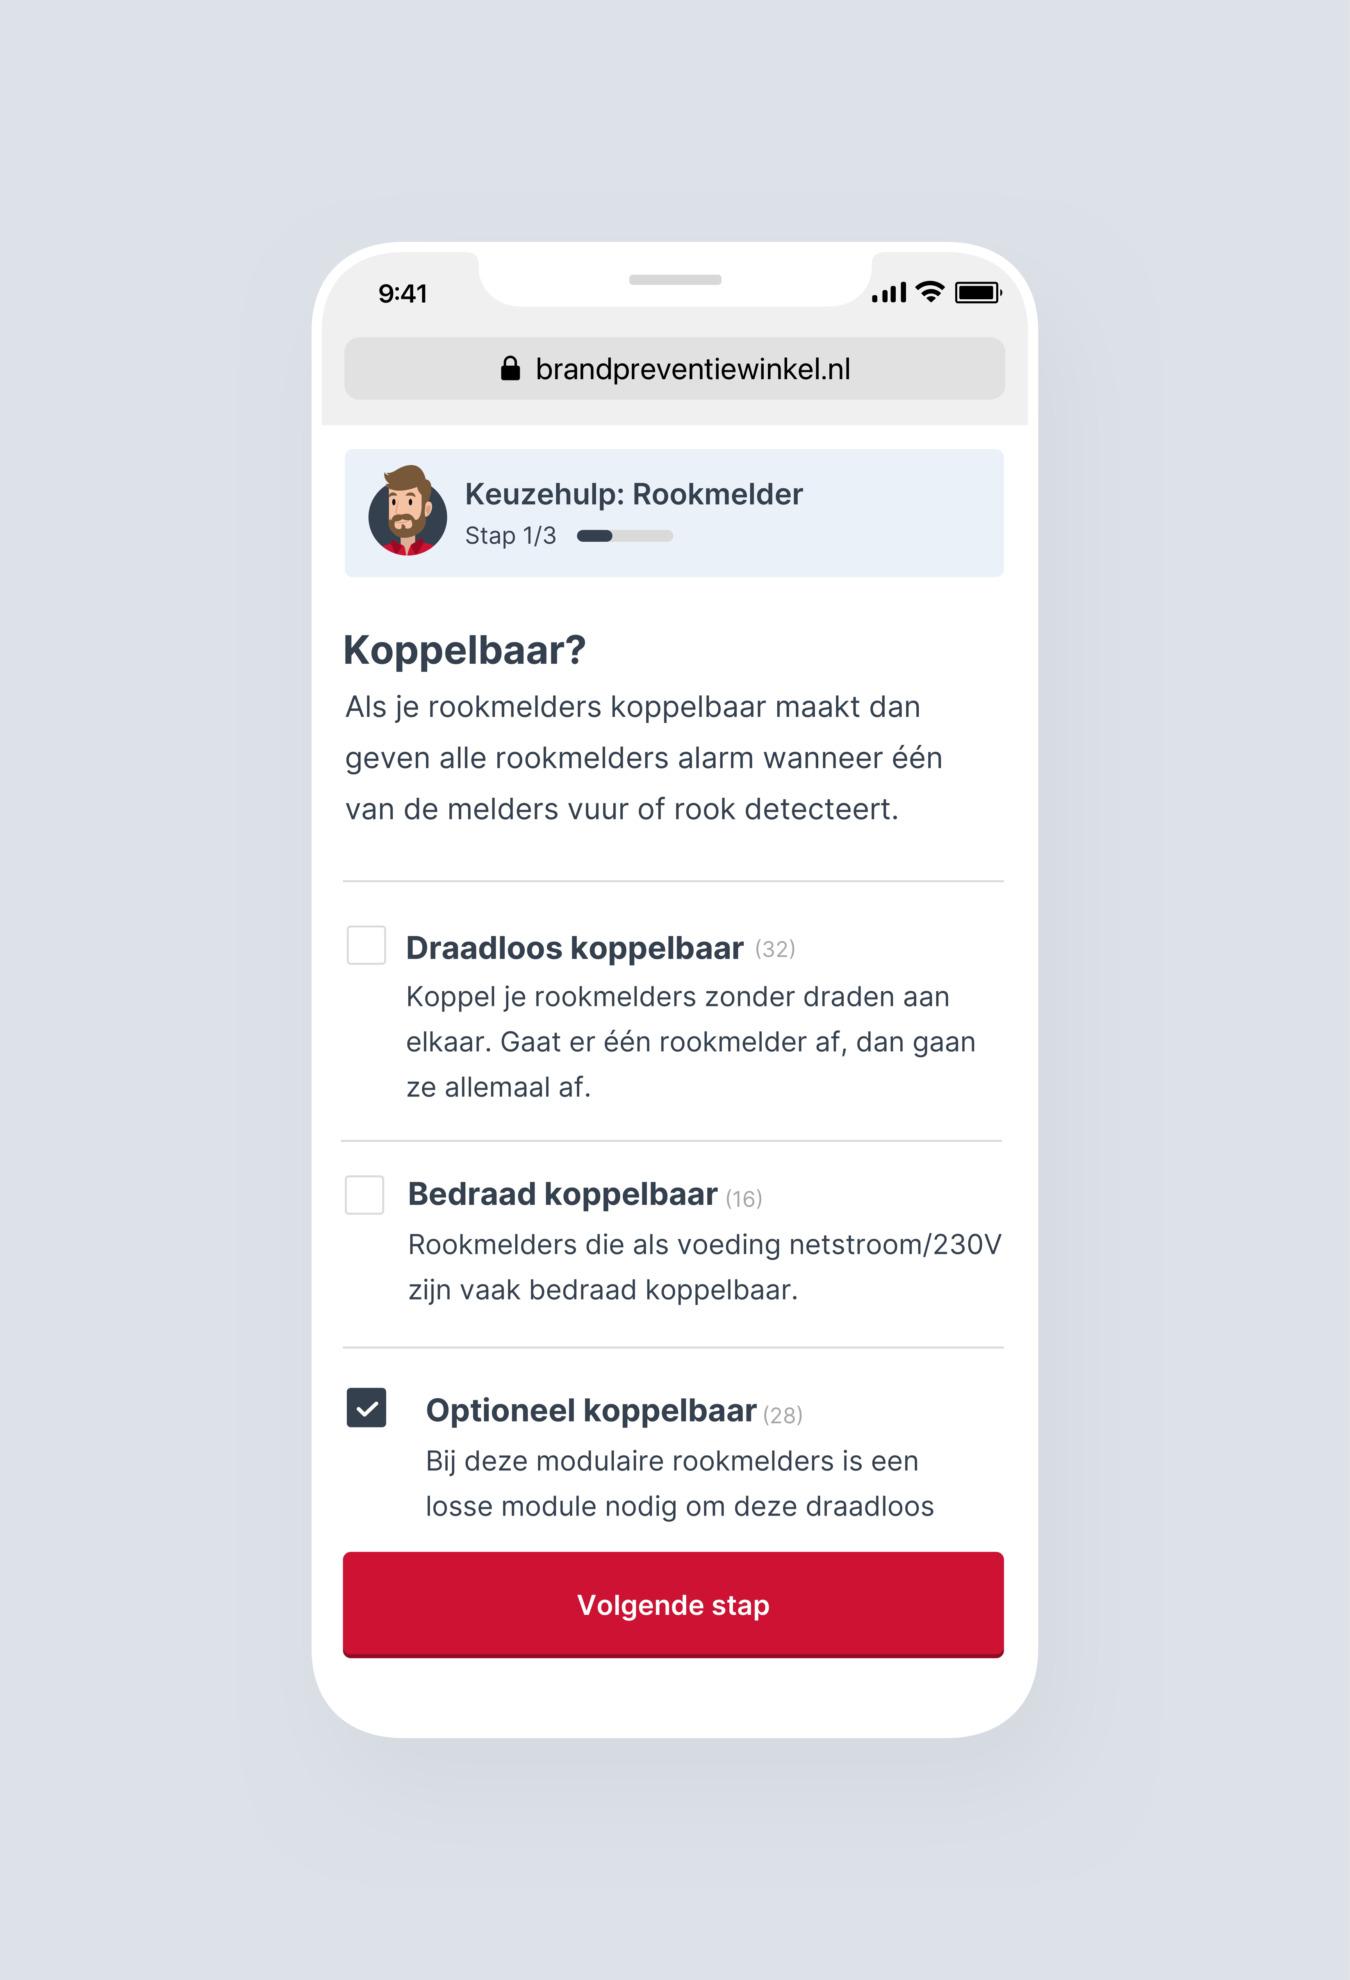 Keuzehulp van Brandpreventiewinkel.nl